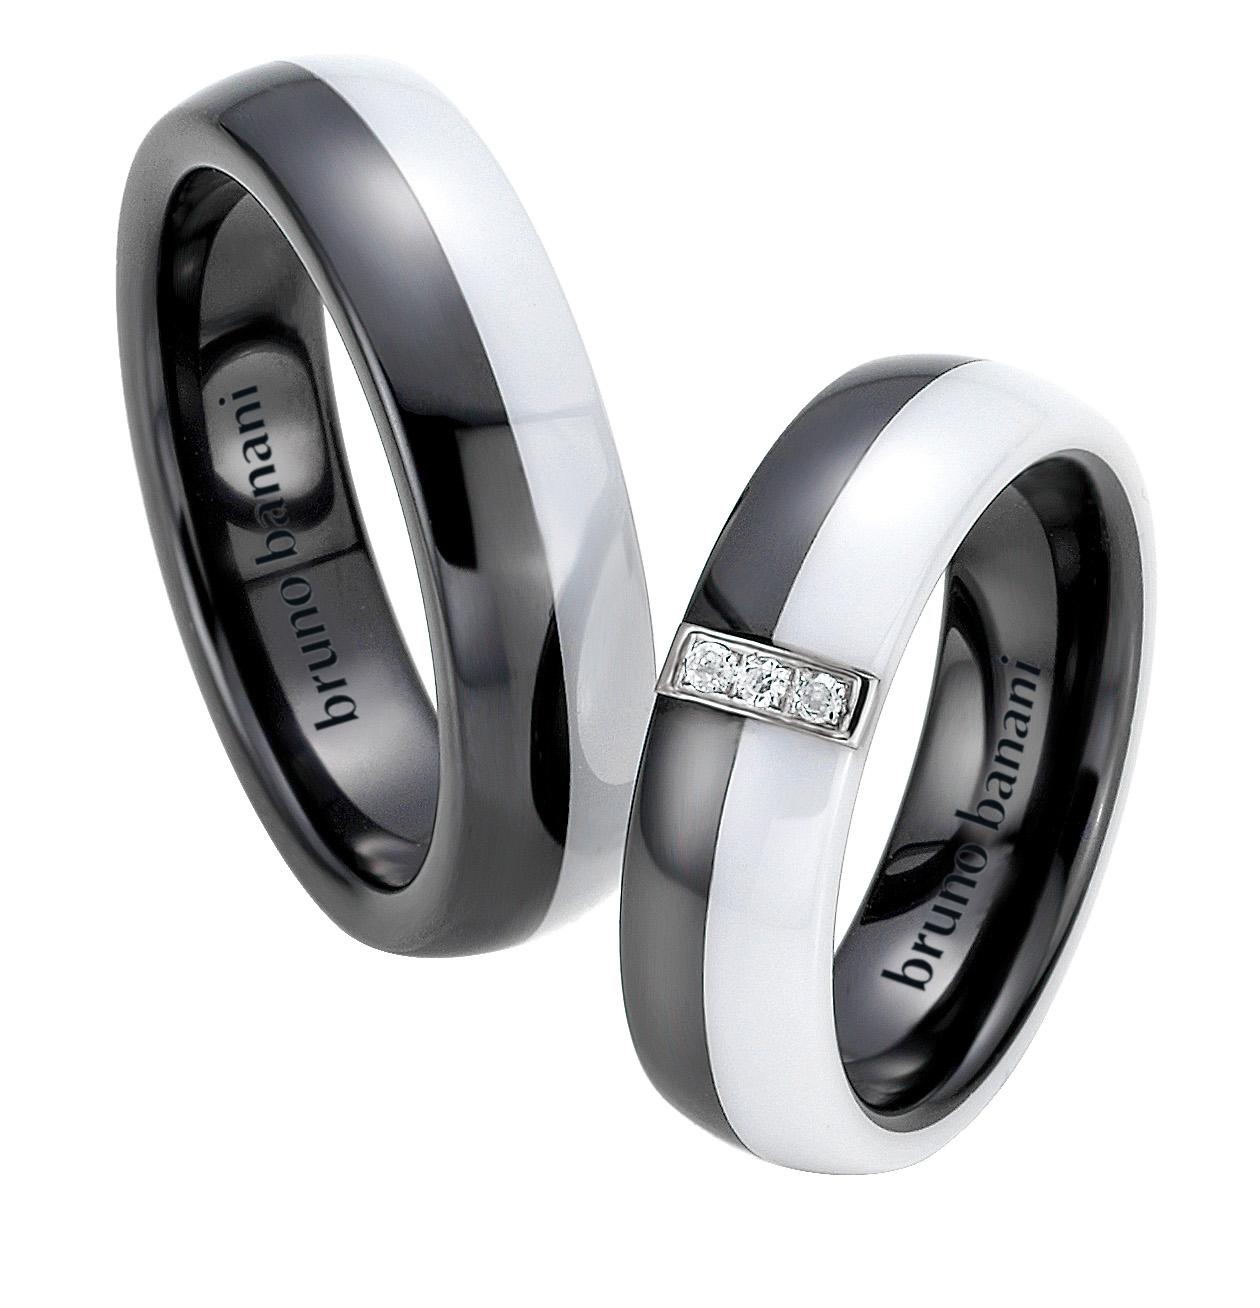 Bruno Banani Ceramic Ringe 44.84166 42.84166